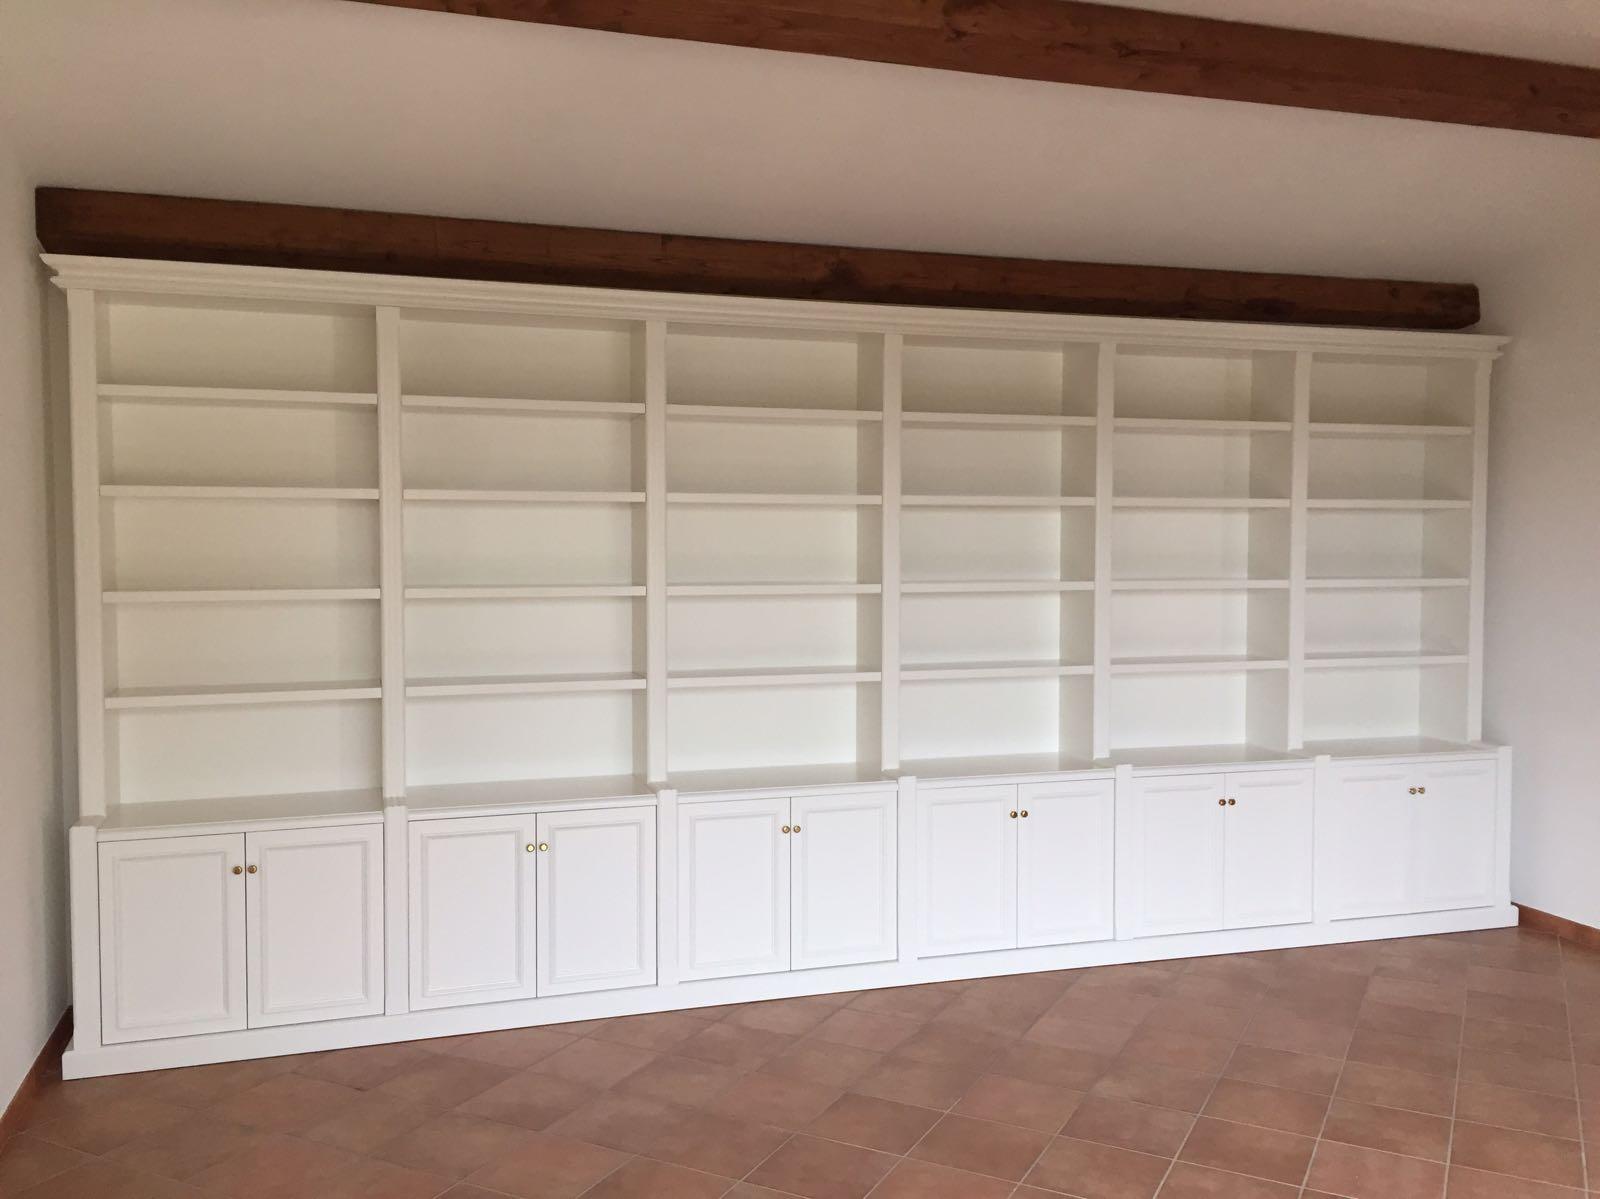 Librerie su misura laccate bianche